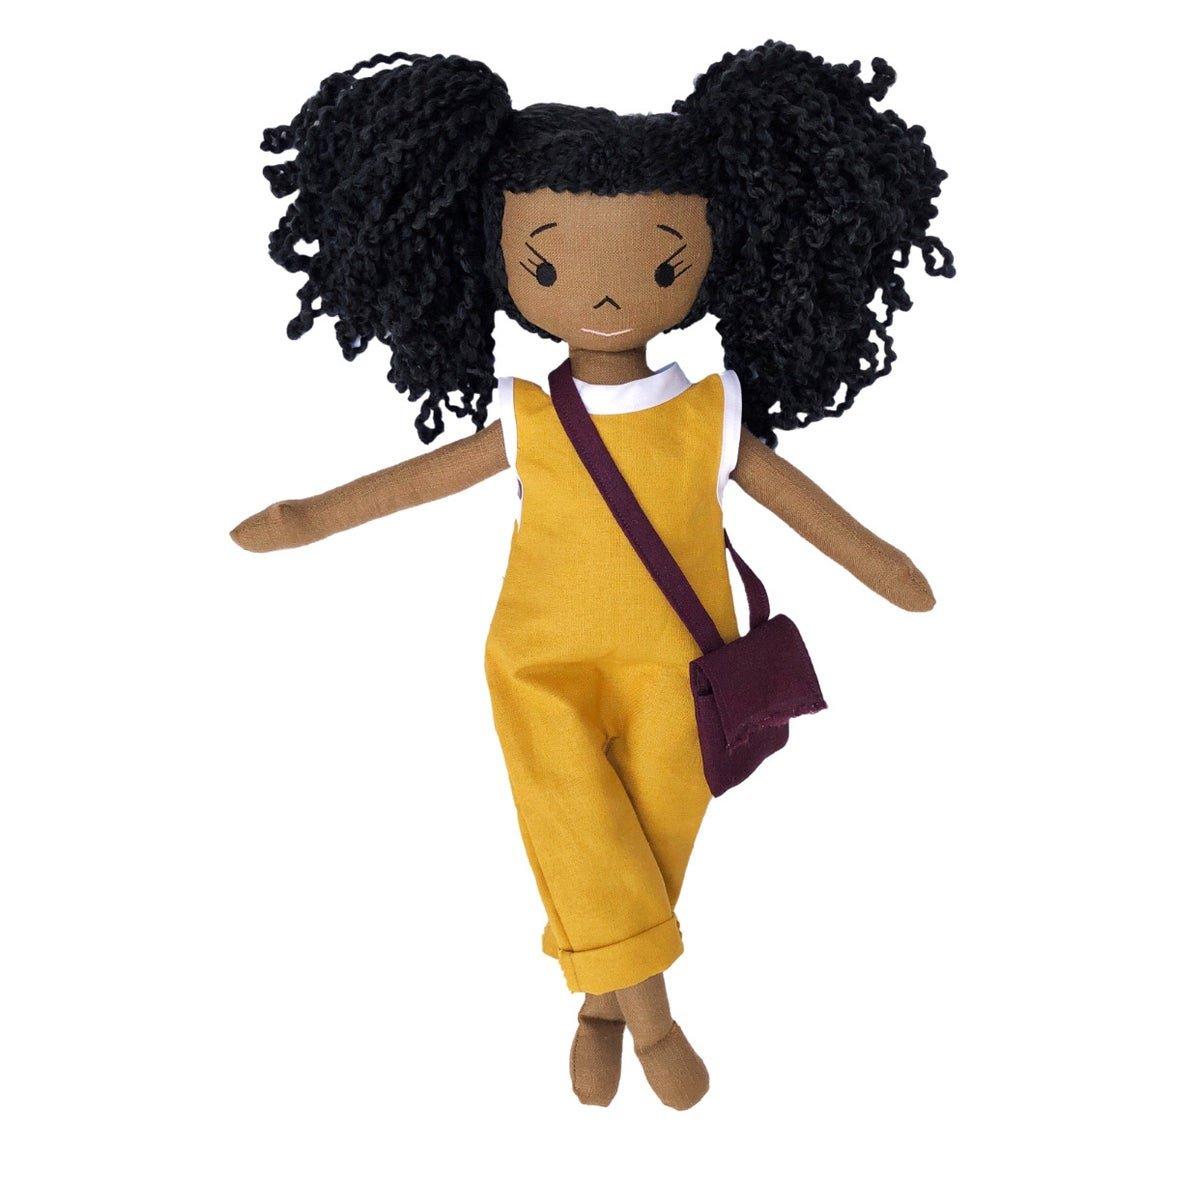 Lulu Handmade Linen Doll (Waitlist Preorder Item - ship date Oct 1-Mar 30,2022)